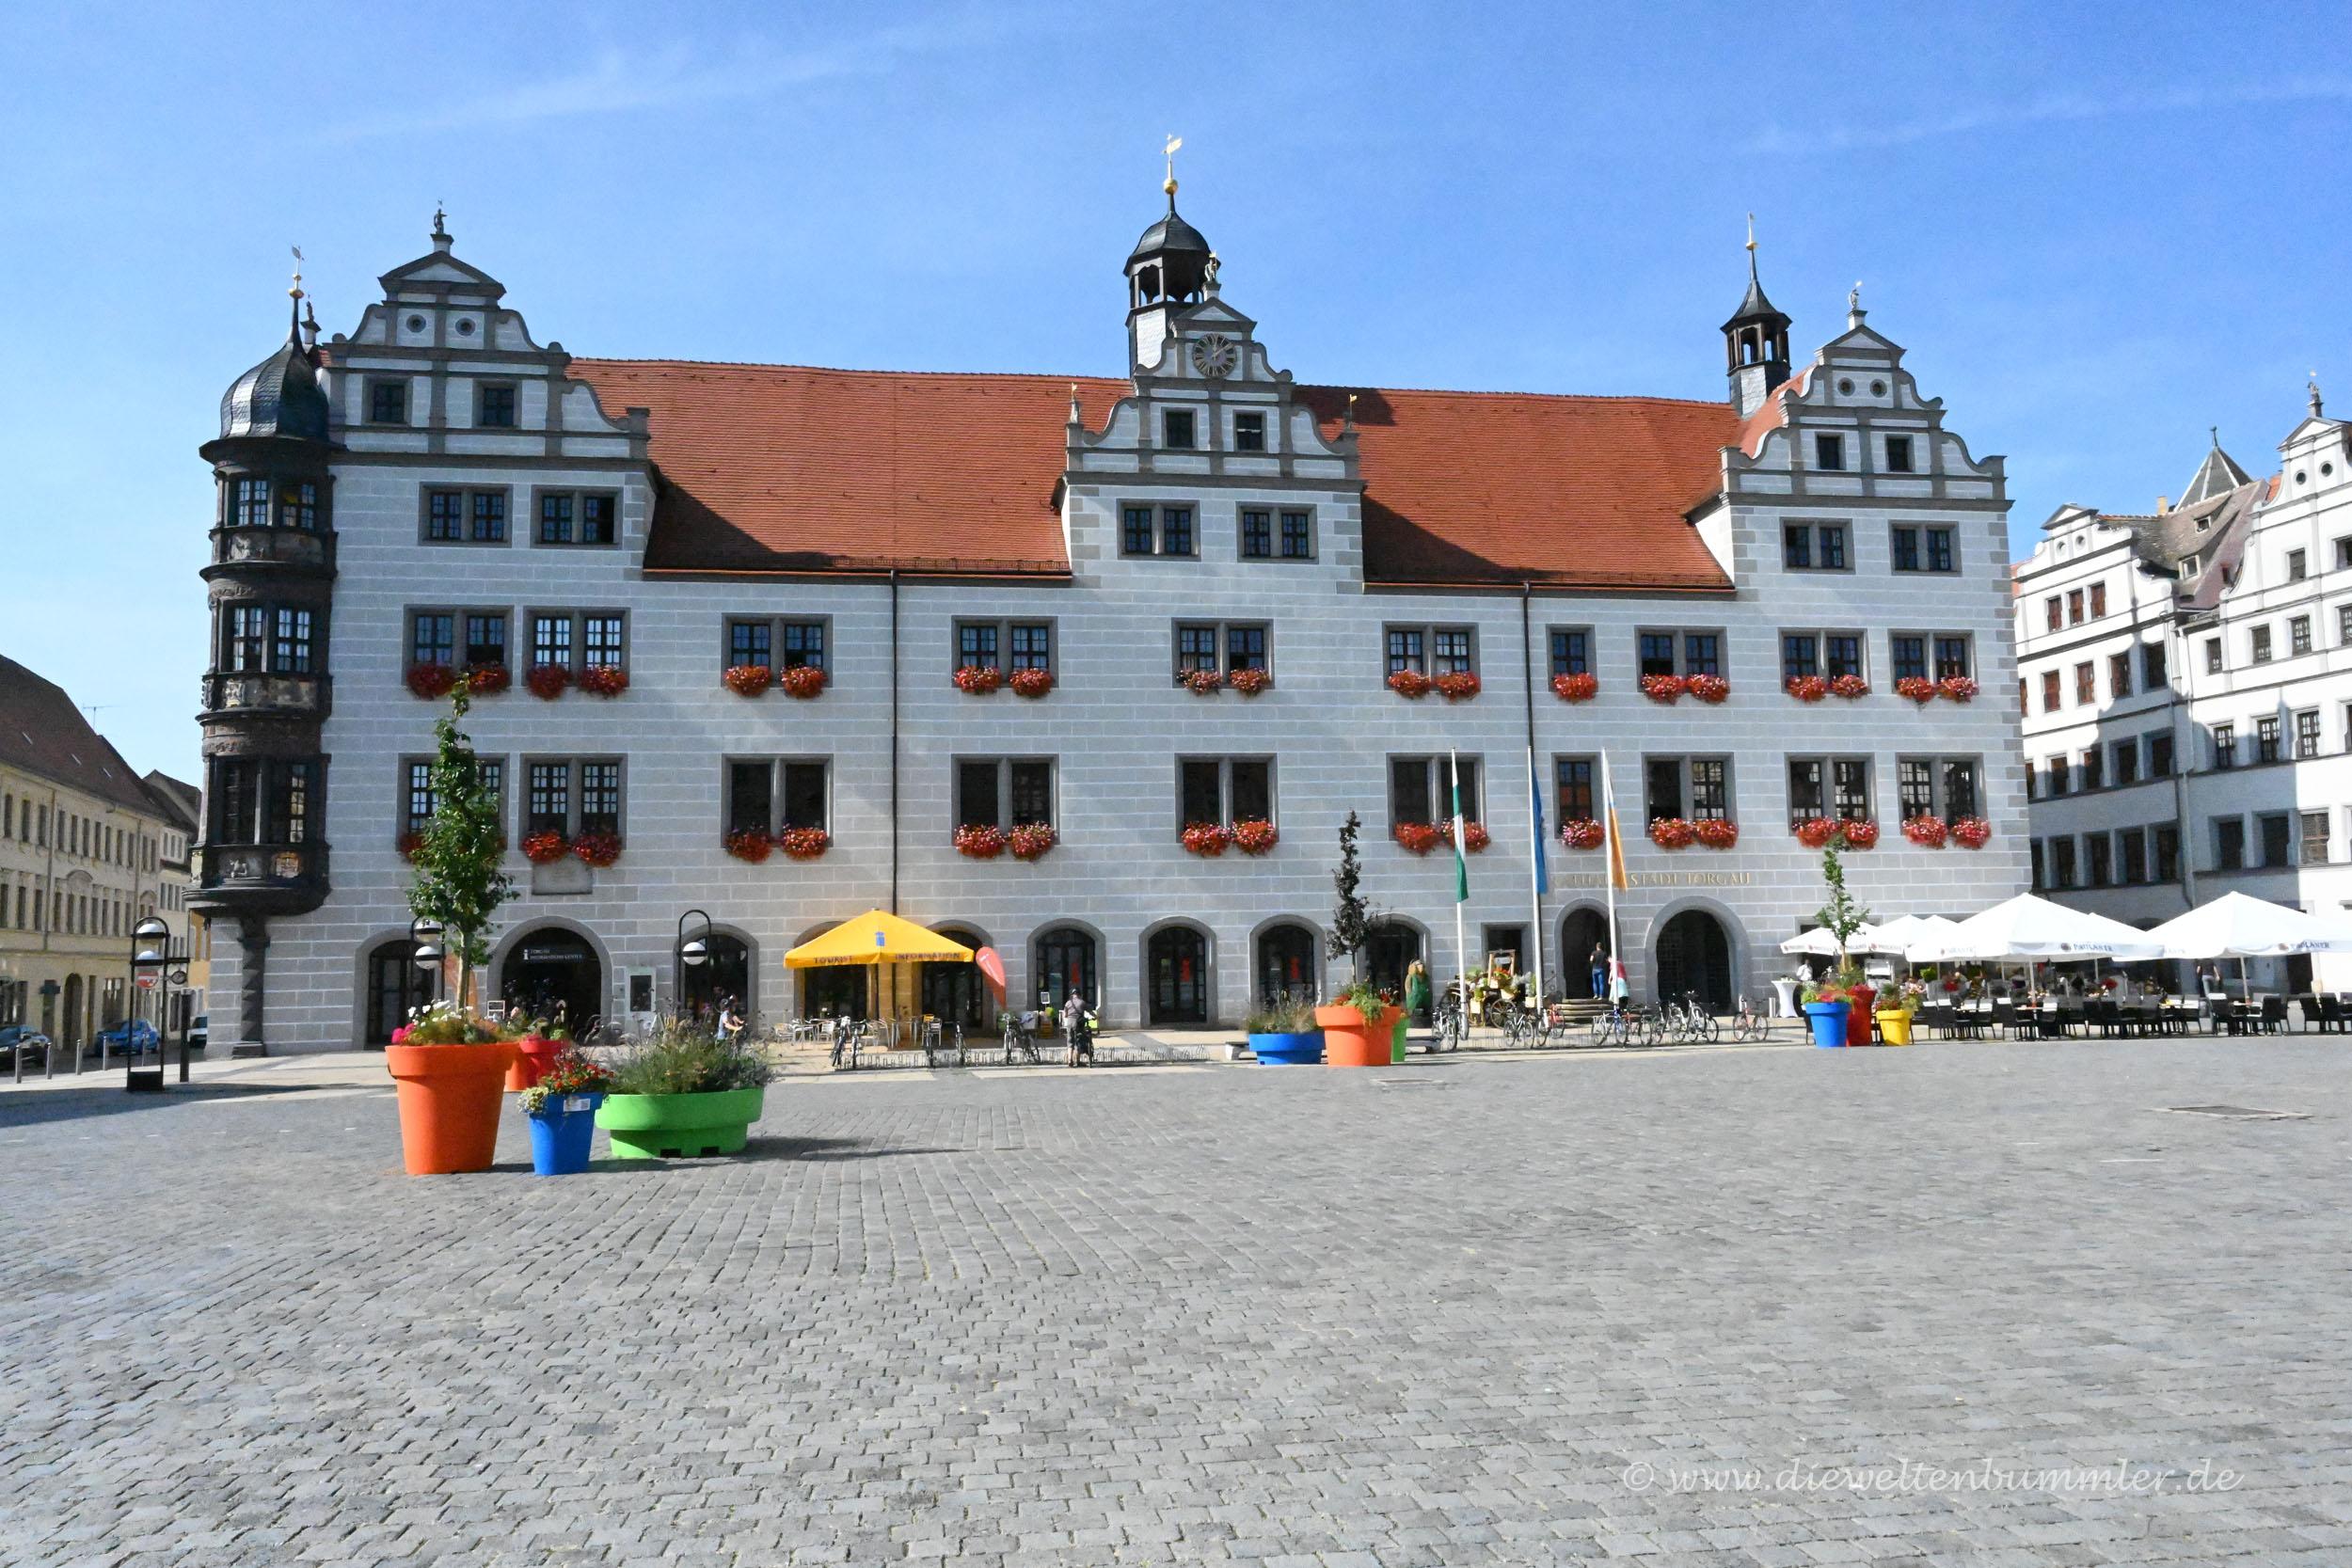 Altstadt von Torgau